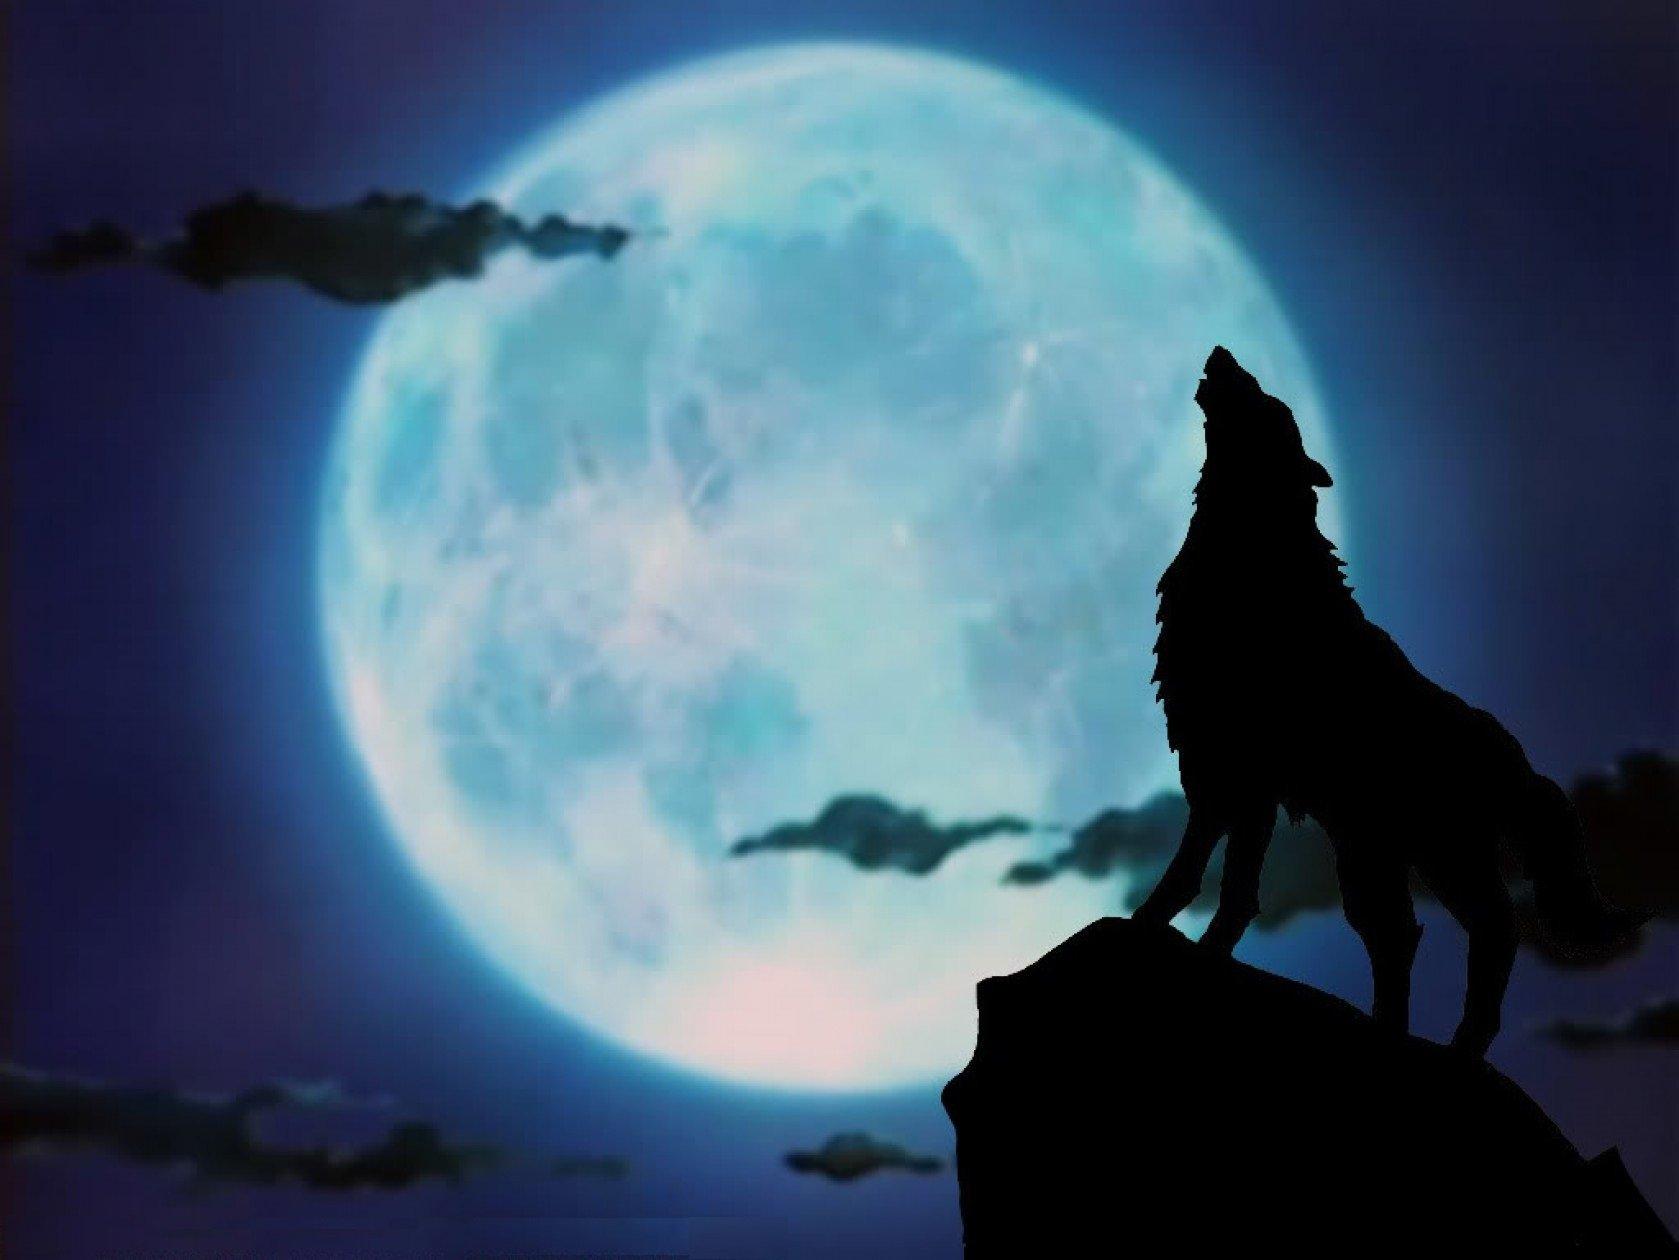 лучше картинка волк воет на луну сидя китайская